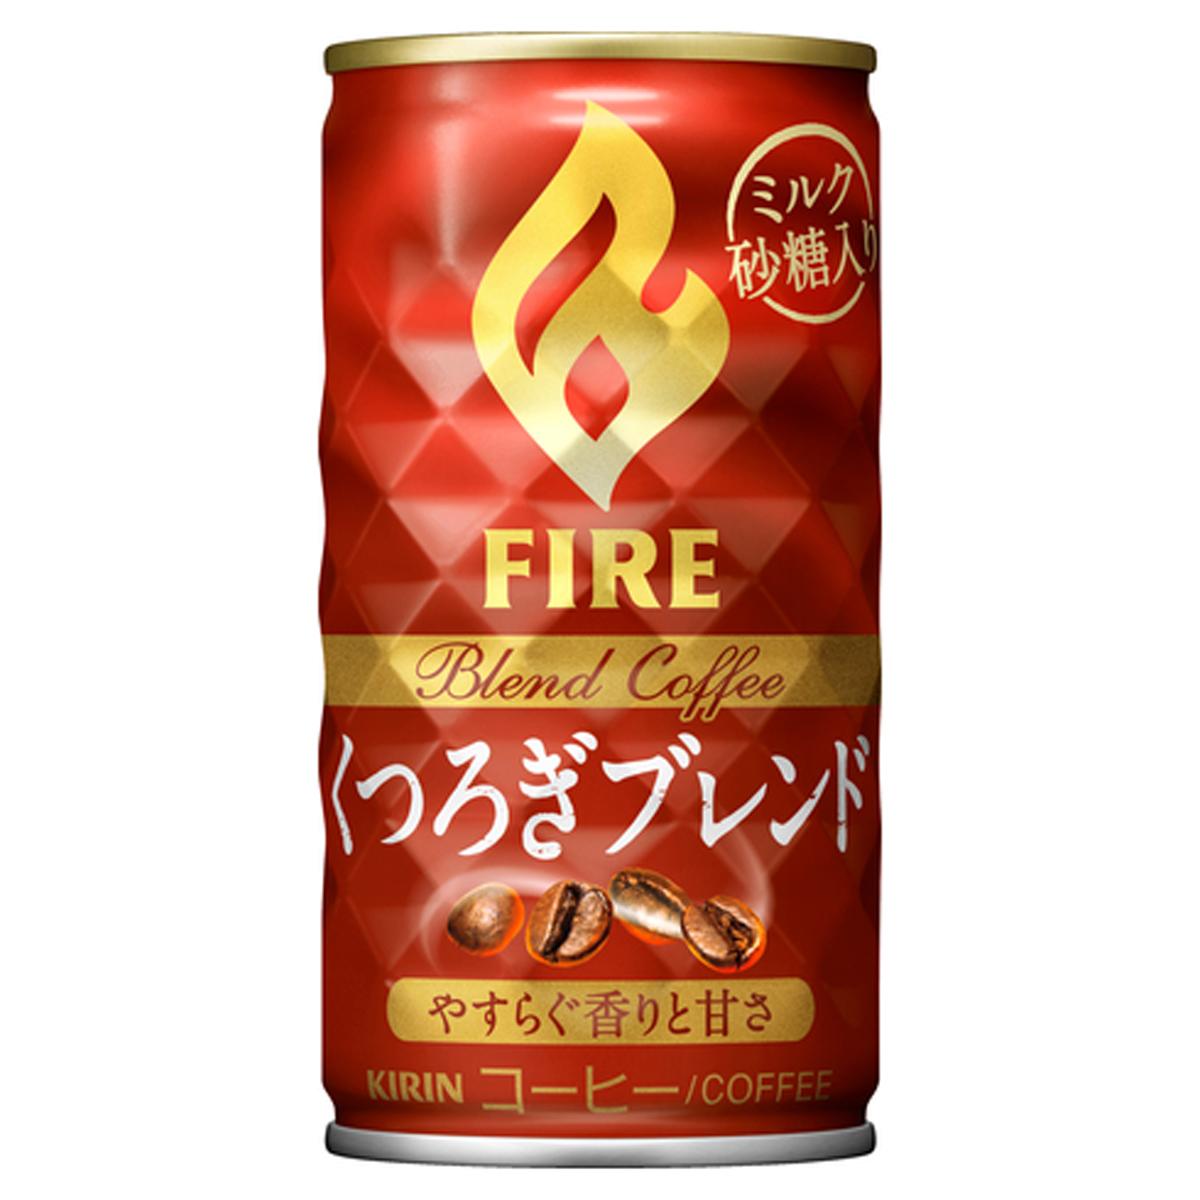 【2ケース】キリン ファイア FIRE くつろぎブレンド 185g 缶 飲料 飲み物 ソフトドリンク 30本×2ケース 60本 買い回り 買い周り 買いまわり ポイント消化